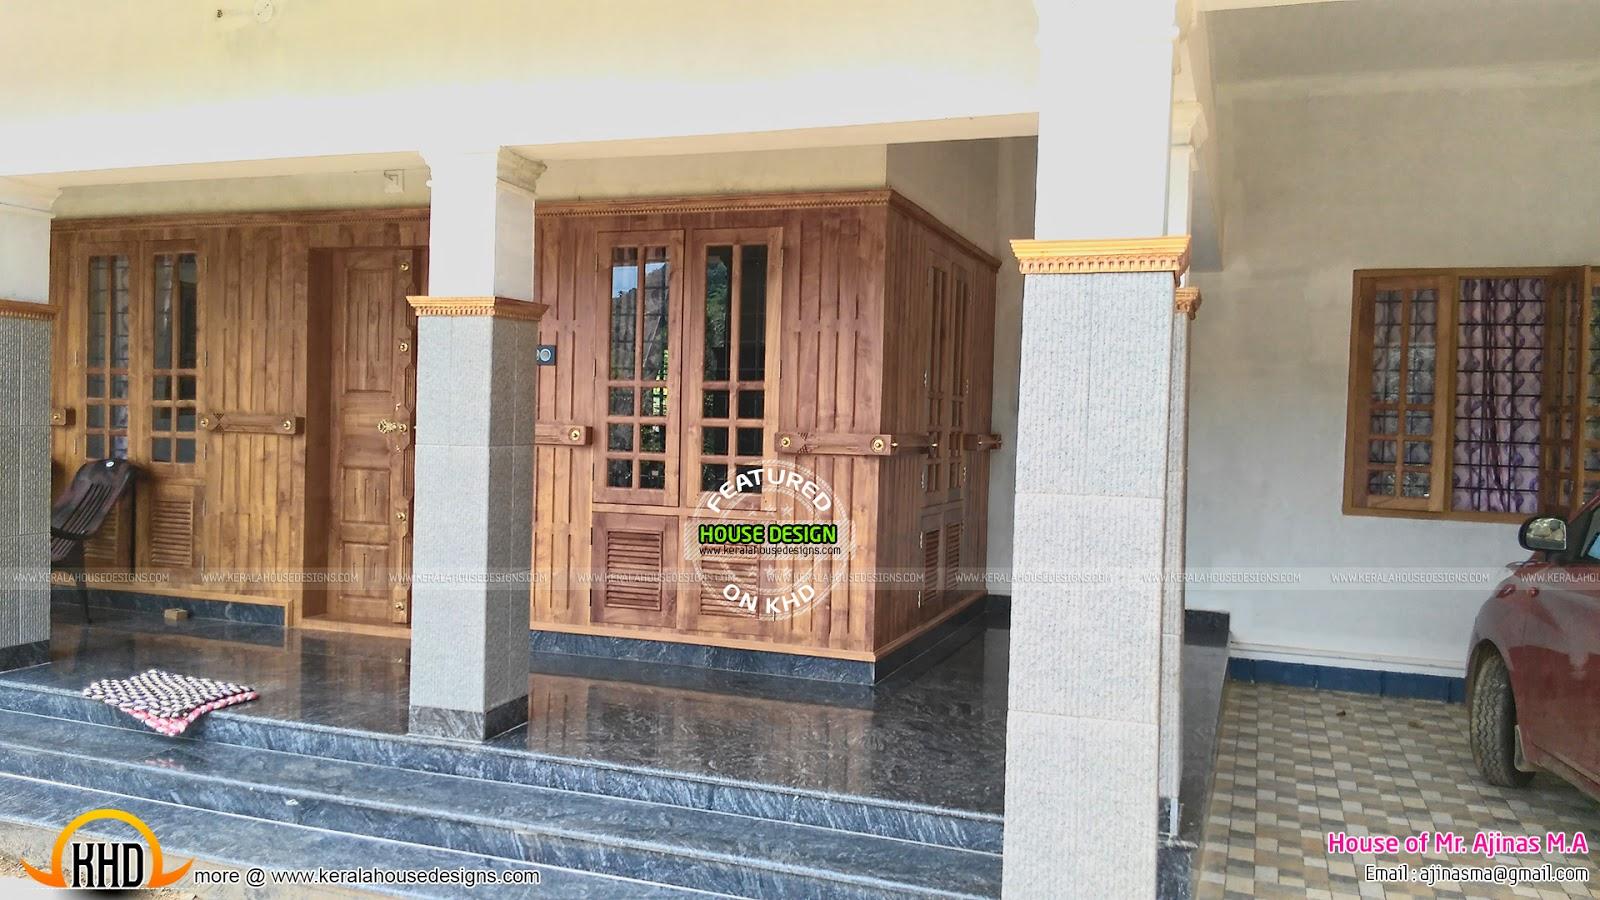 House at mundakkayam kerala kerala home design and for Verandah designs in india